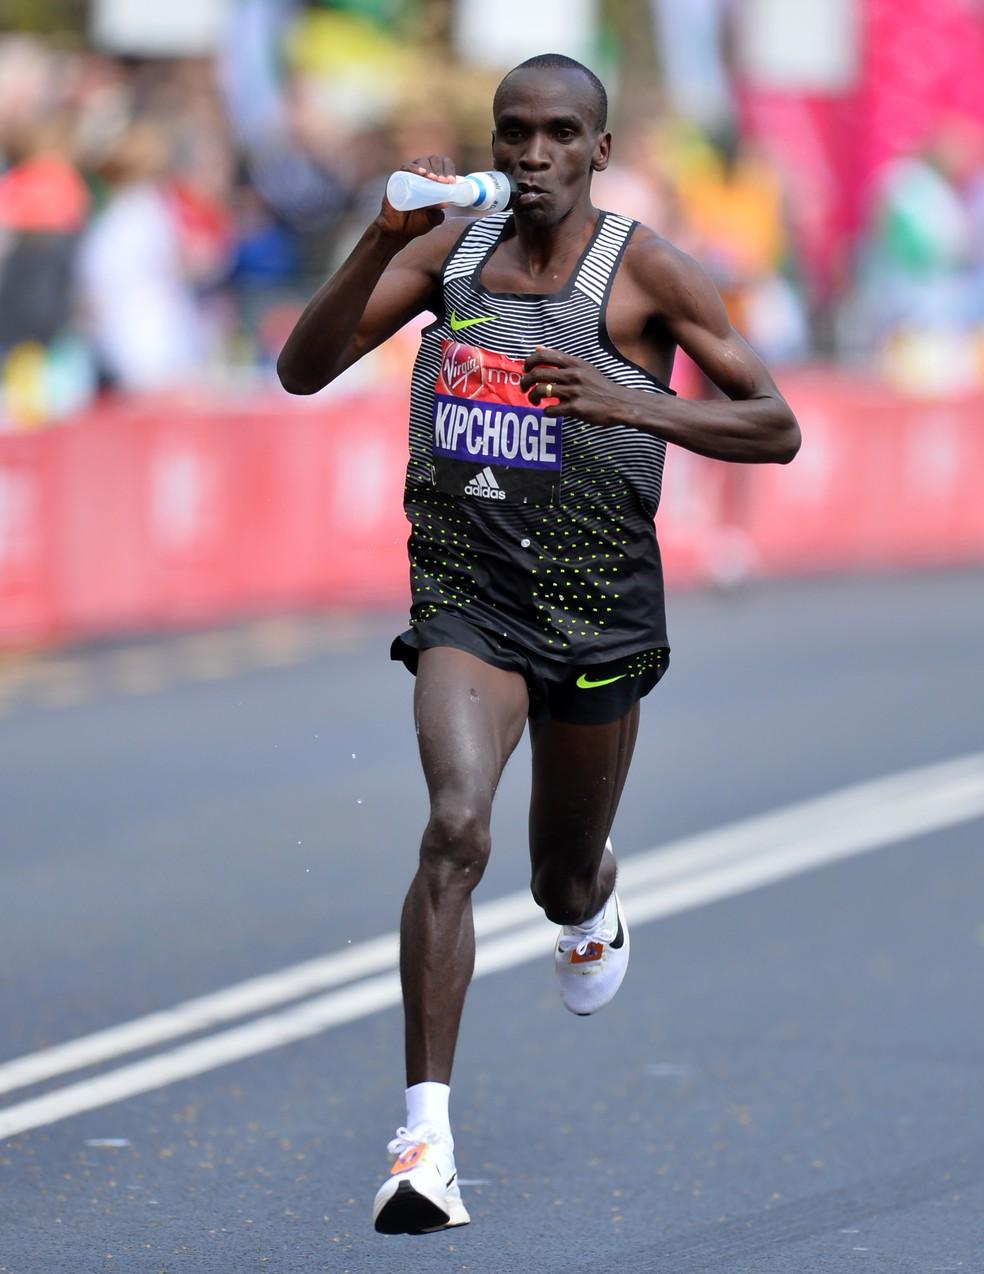 Vencedor da Maratona de Berlim, nesse domingo, Kipchoge usa isotônico para reposição em Londres 2016 (Foto: Infoesporte)